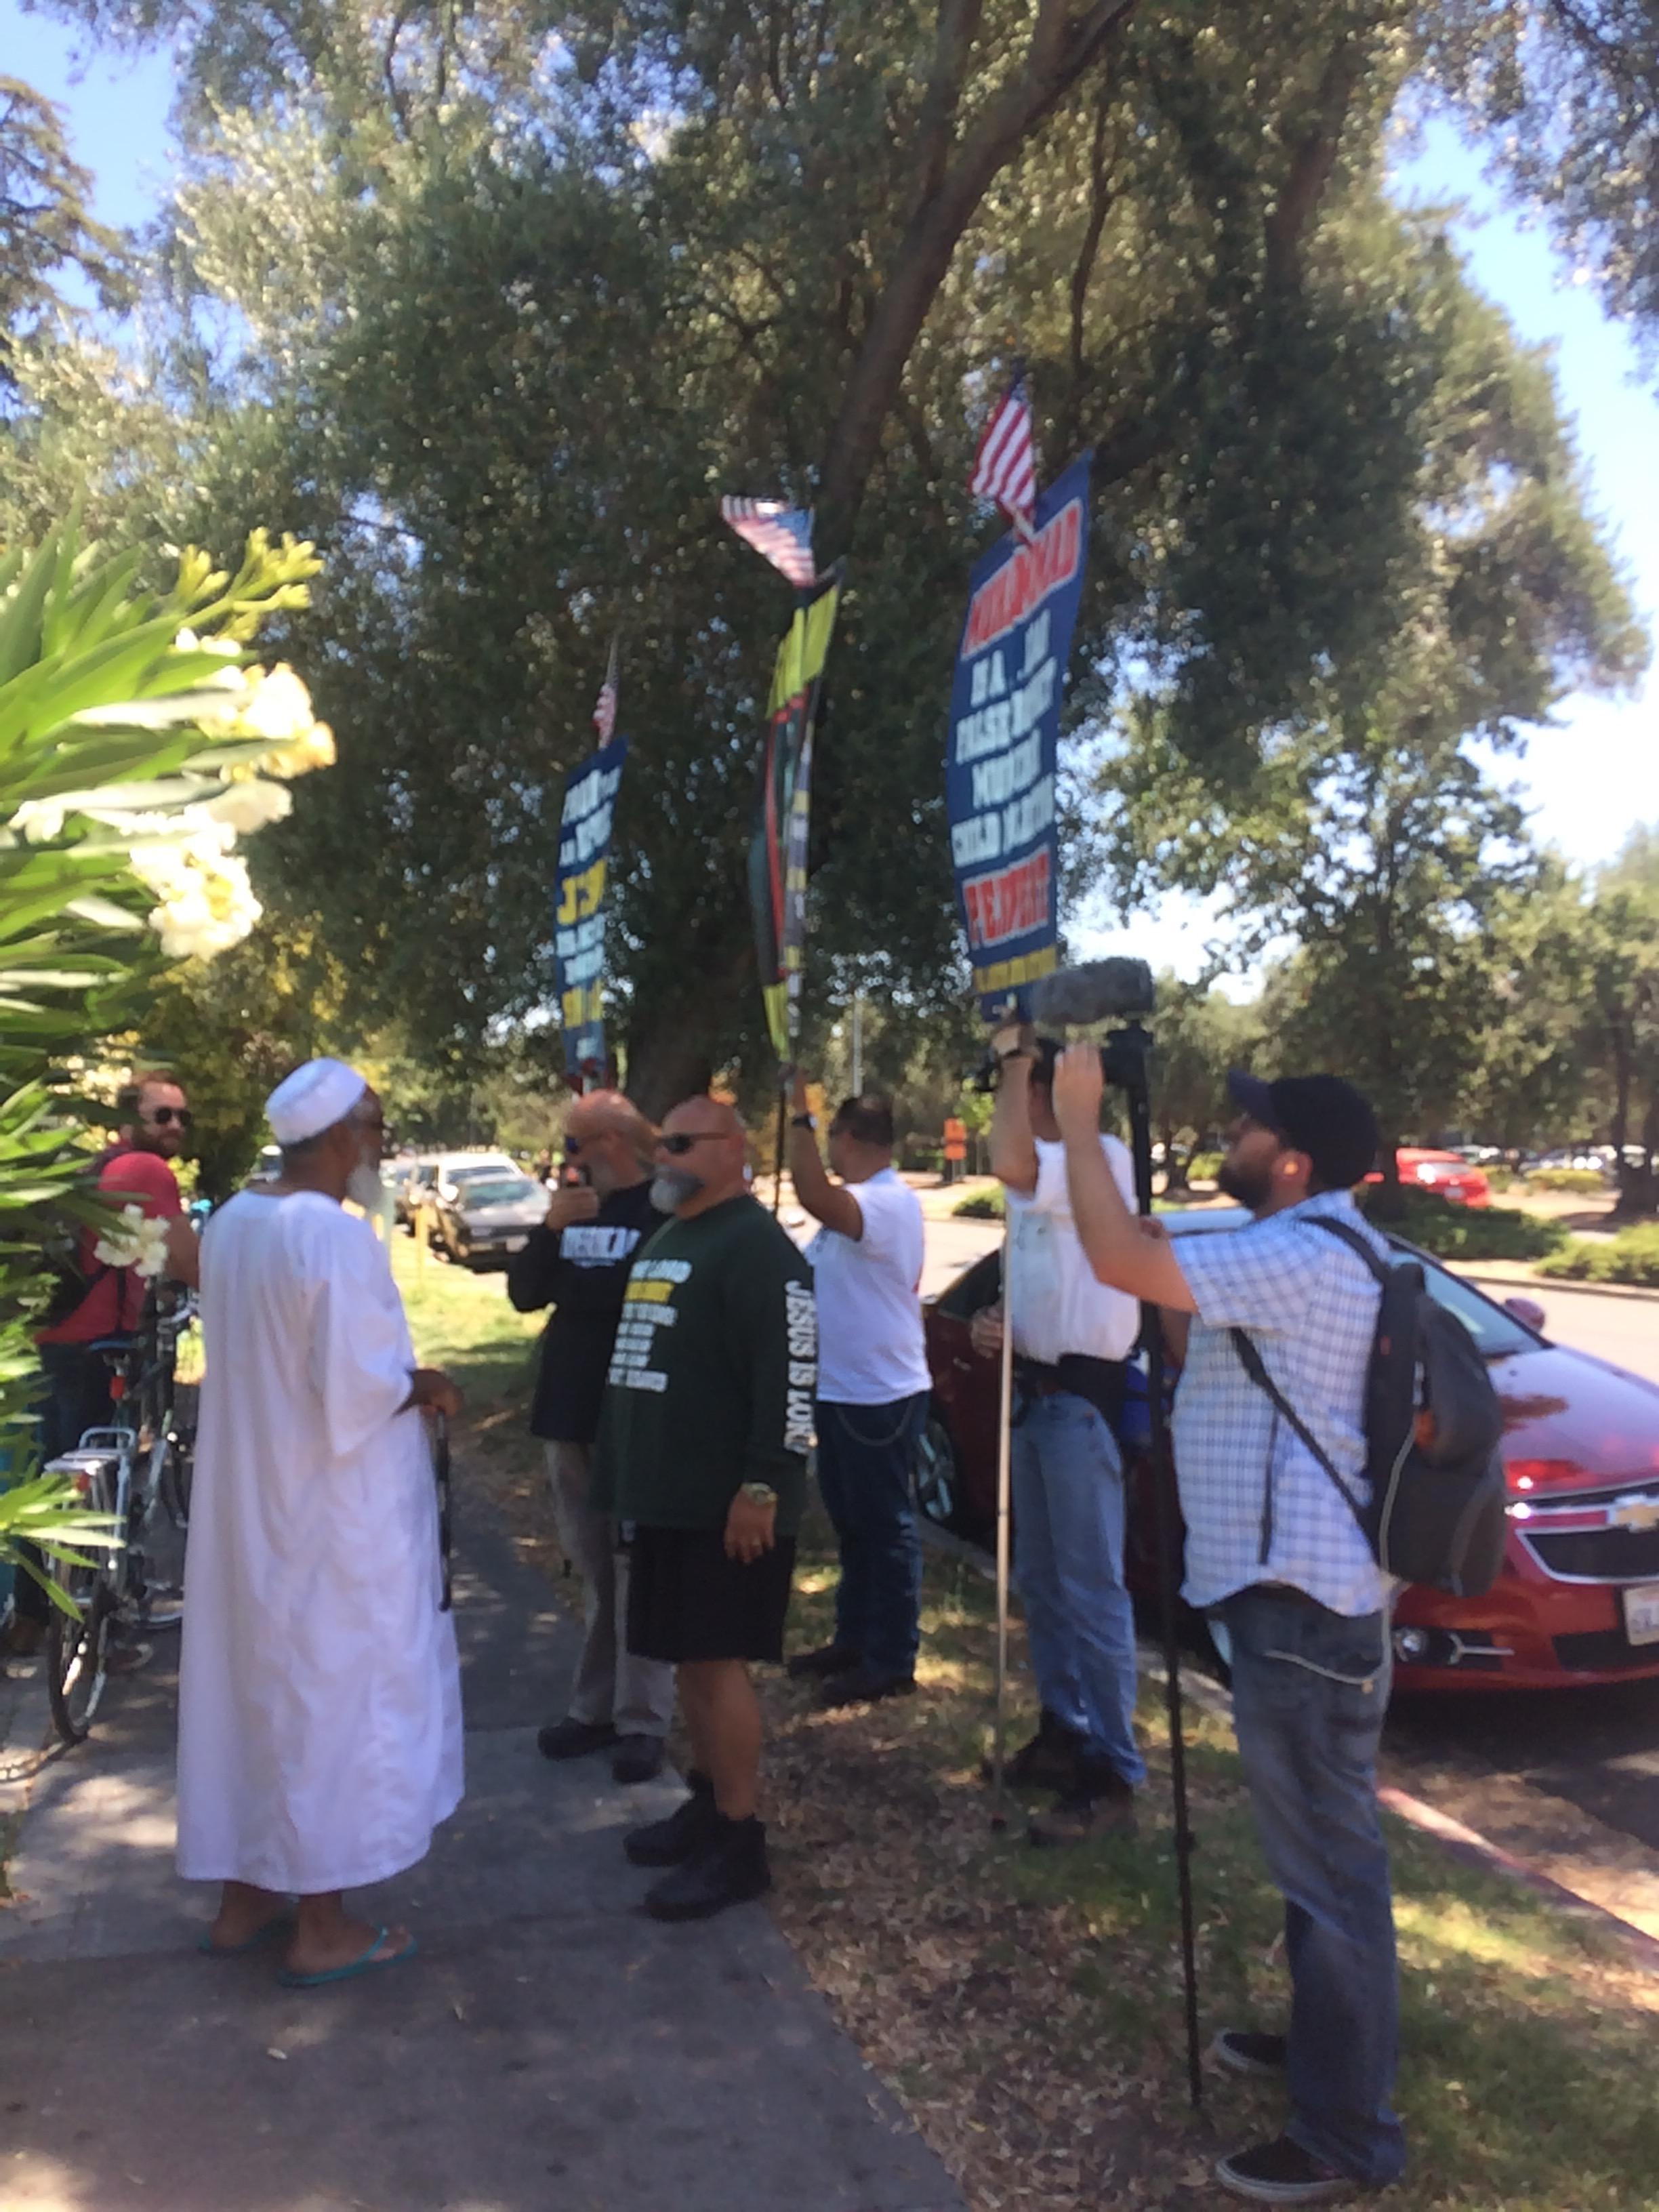 Protest outside Davis Islamic Center